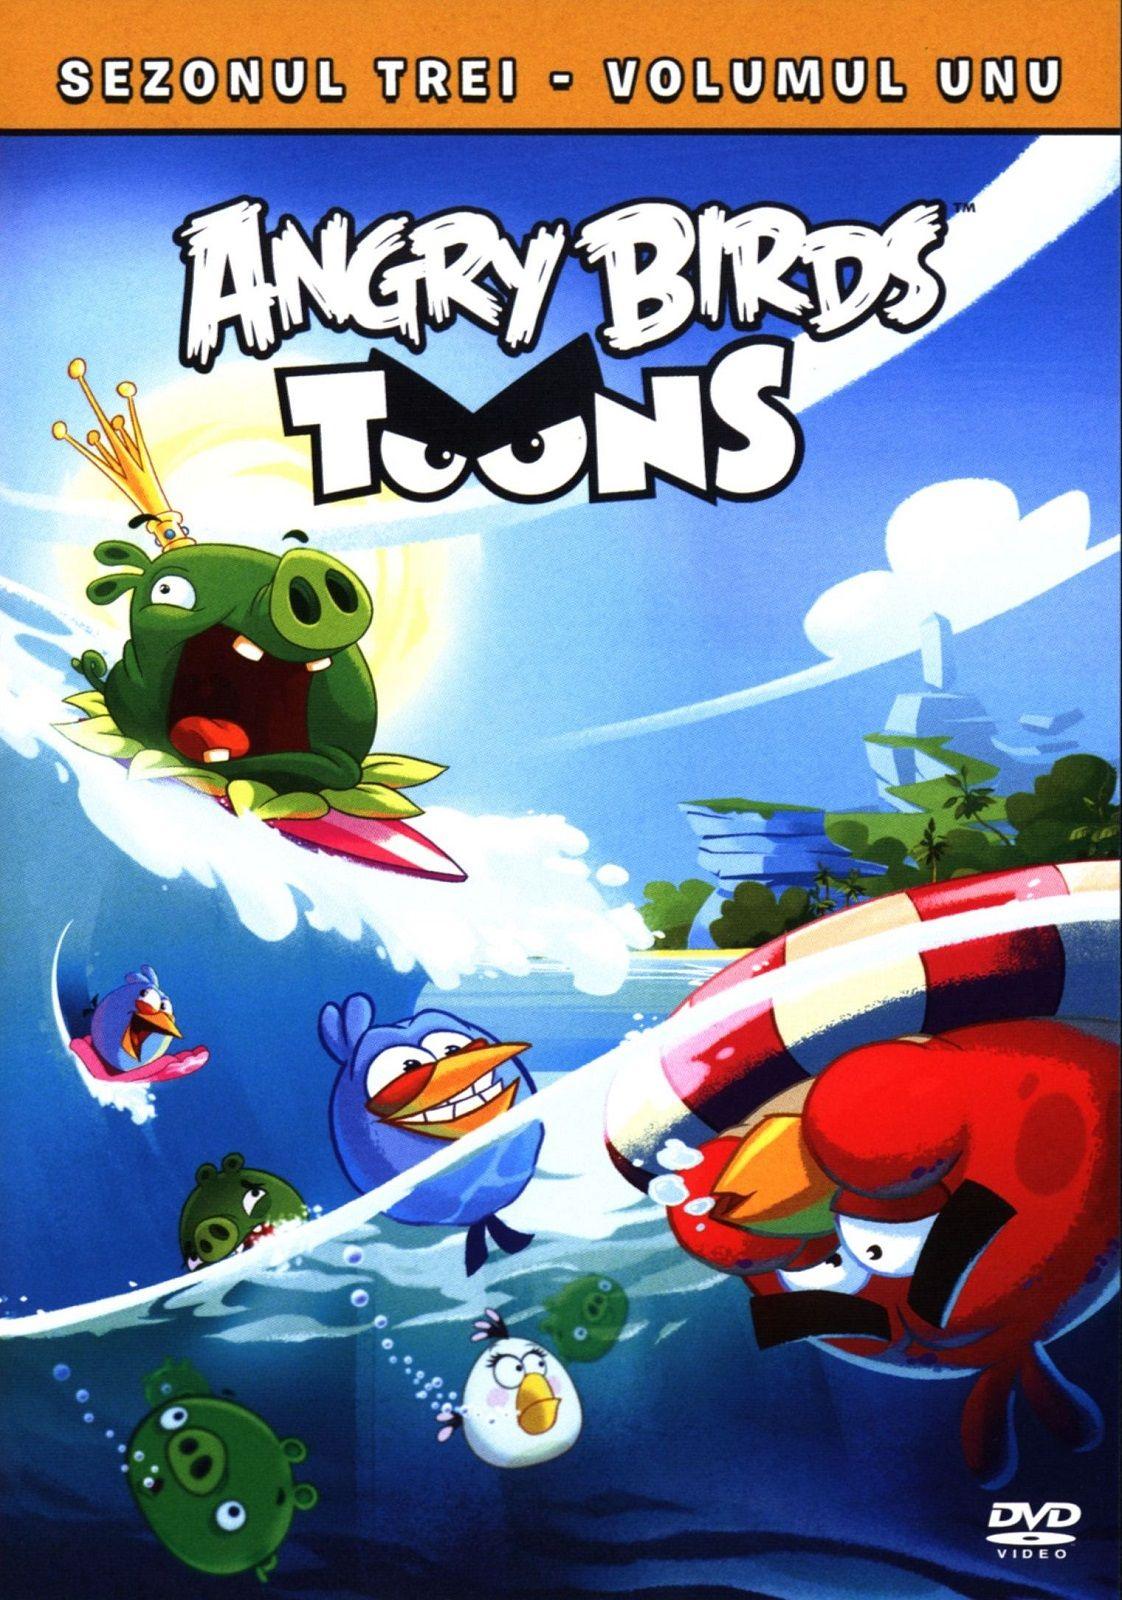 Angry Birds Toons - Сезон 3 - част 1 (DVD) - 1